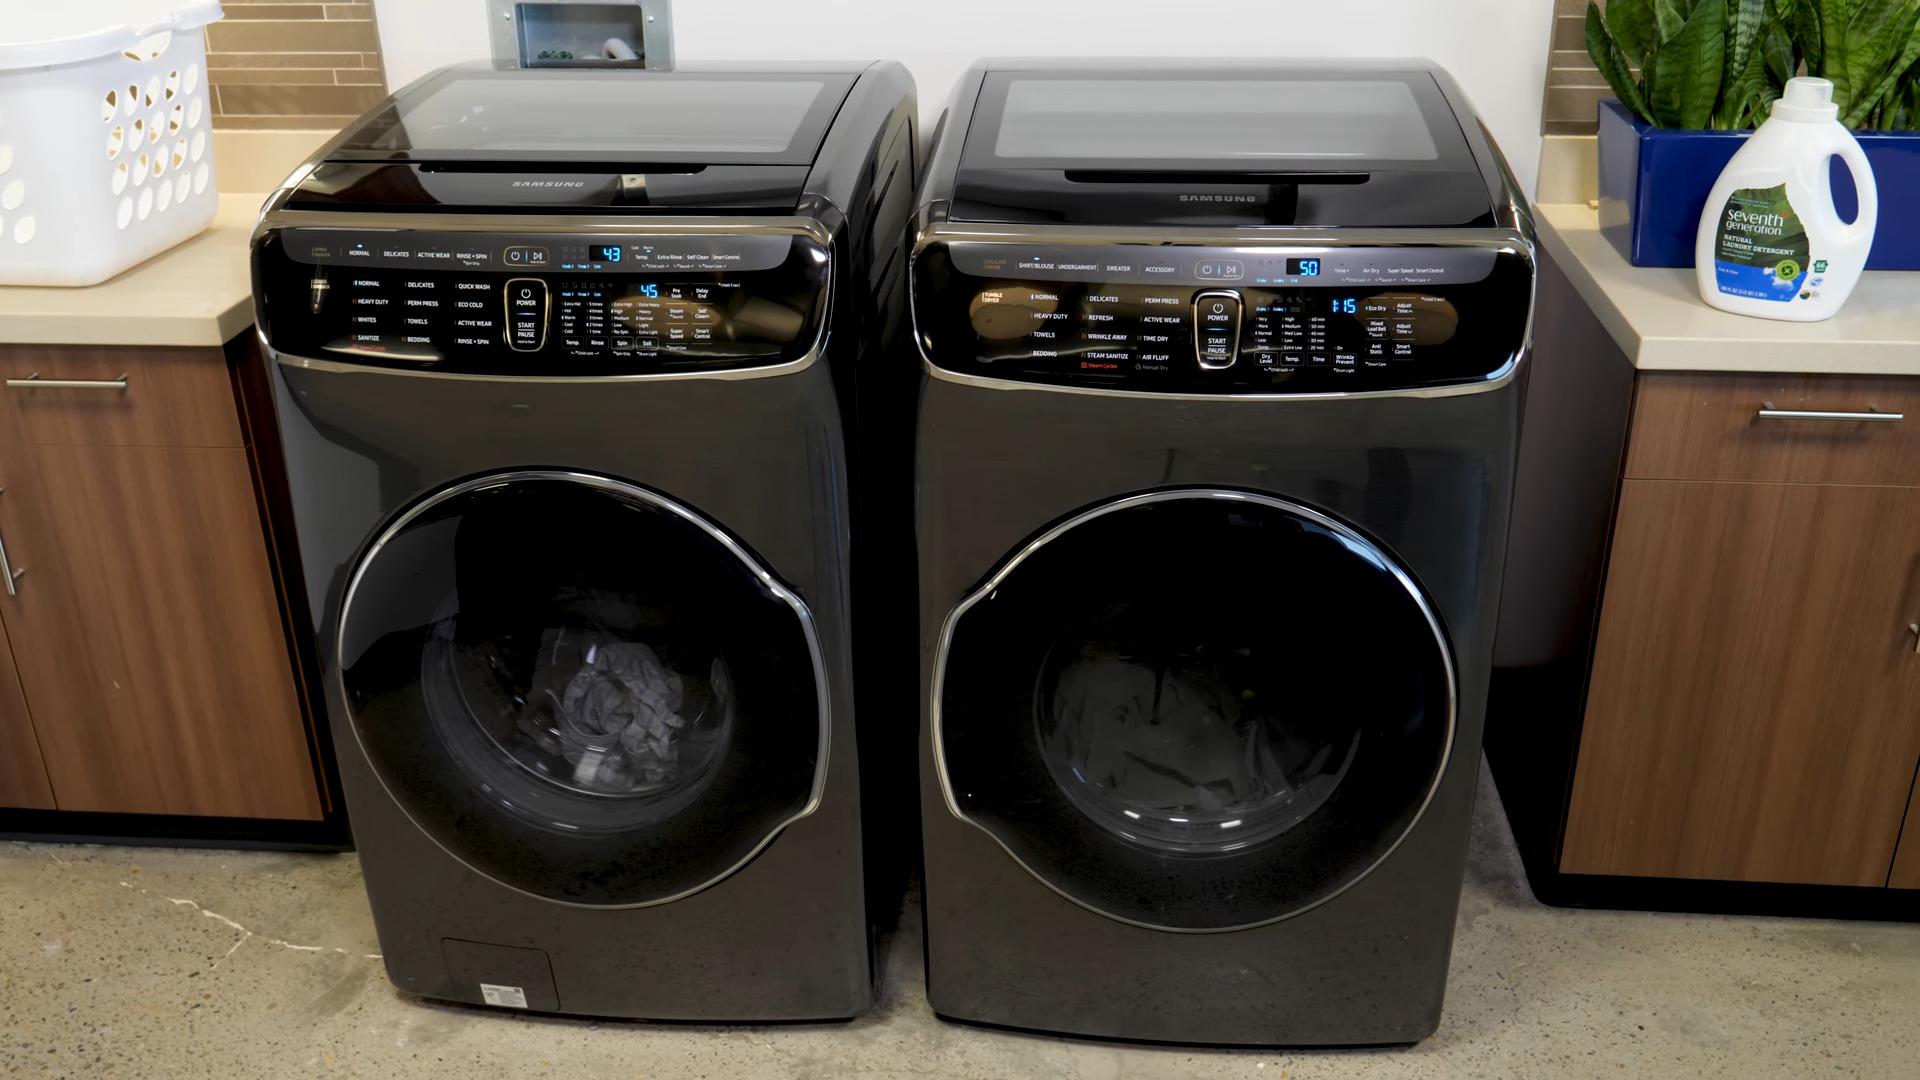 Lg Top Loader Washing Machine Not Draining In 2020 Washing Machine Black Stainless Steel Washing Machine Portable Washing Machine